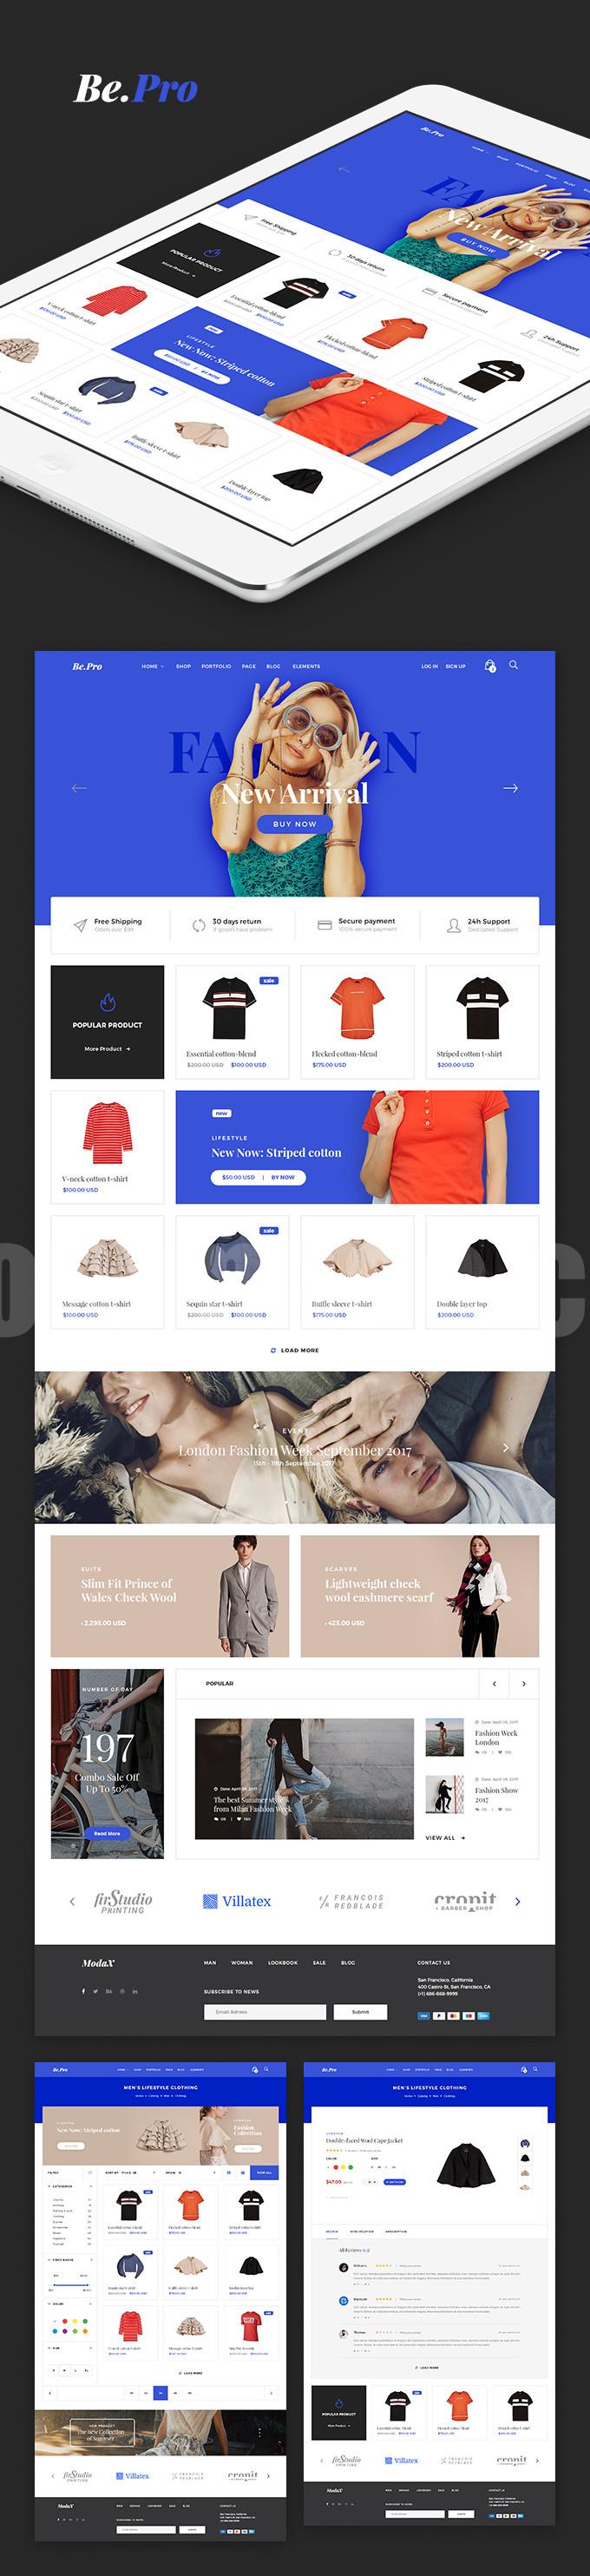 国外极简时尚女装网页模板psd源文件下载